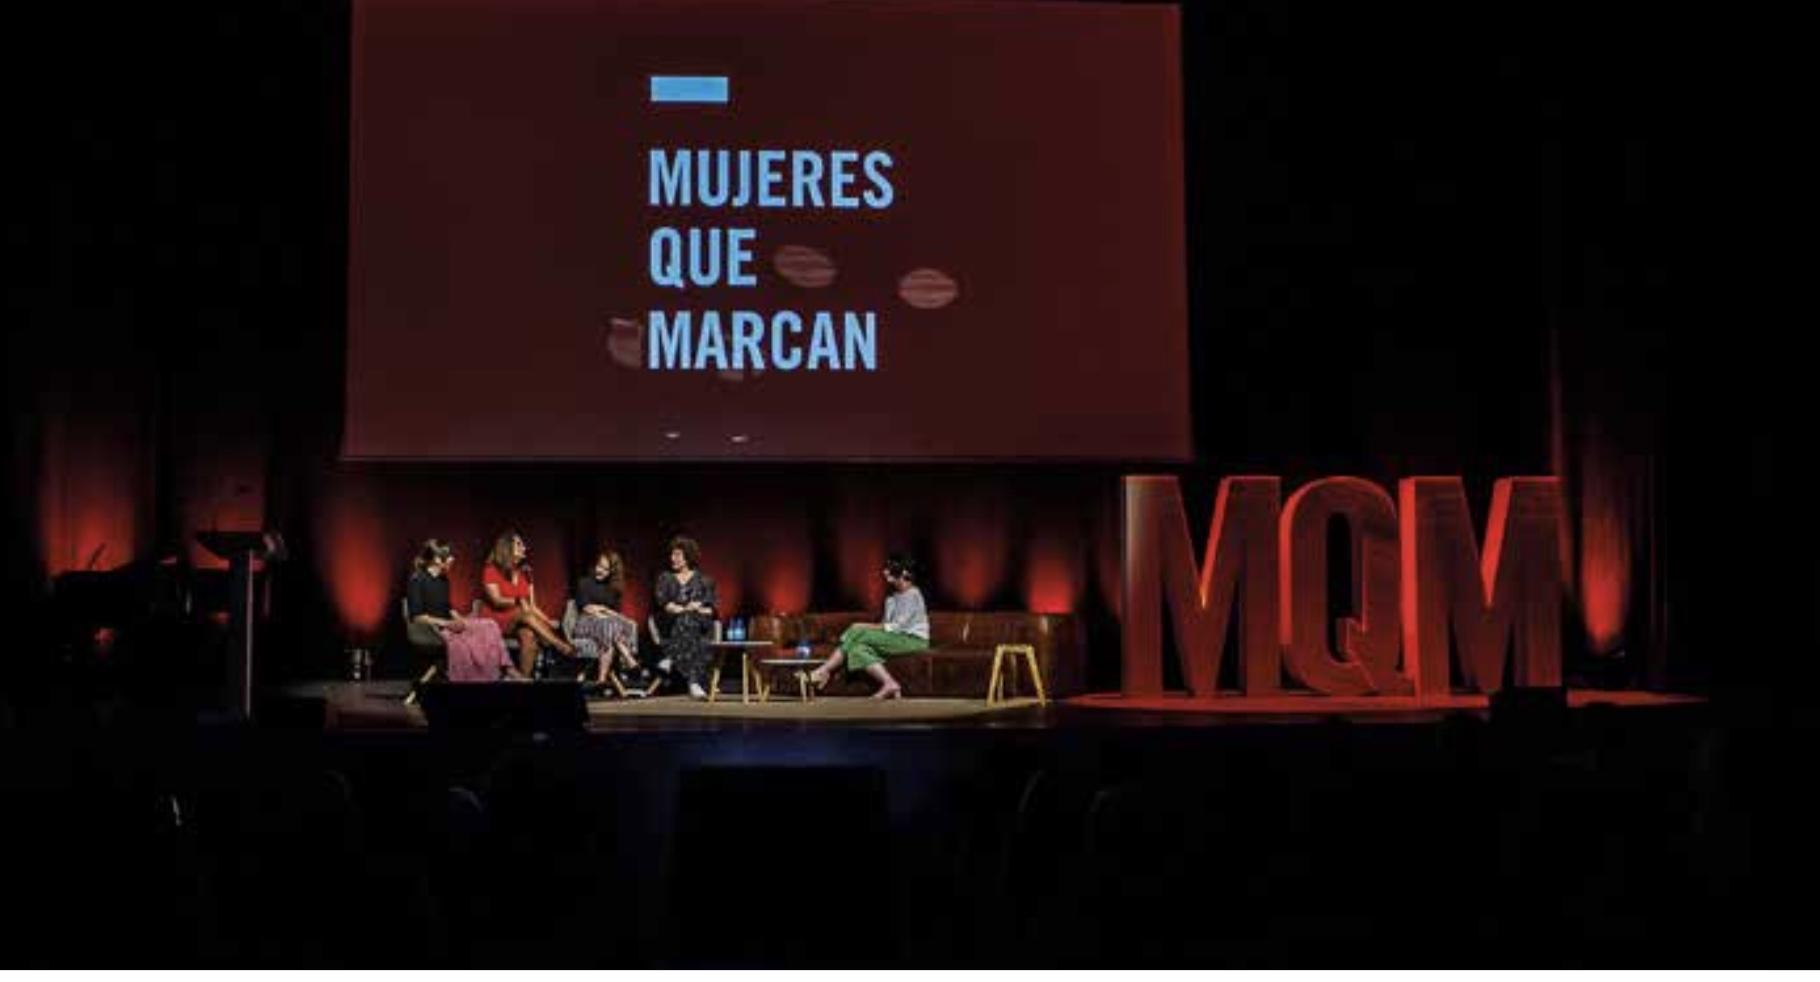 Mallorca | II Foro Mujeres Que Marcan